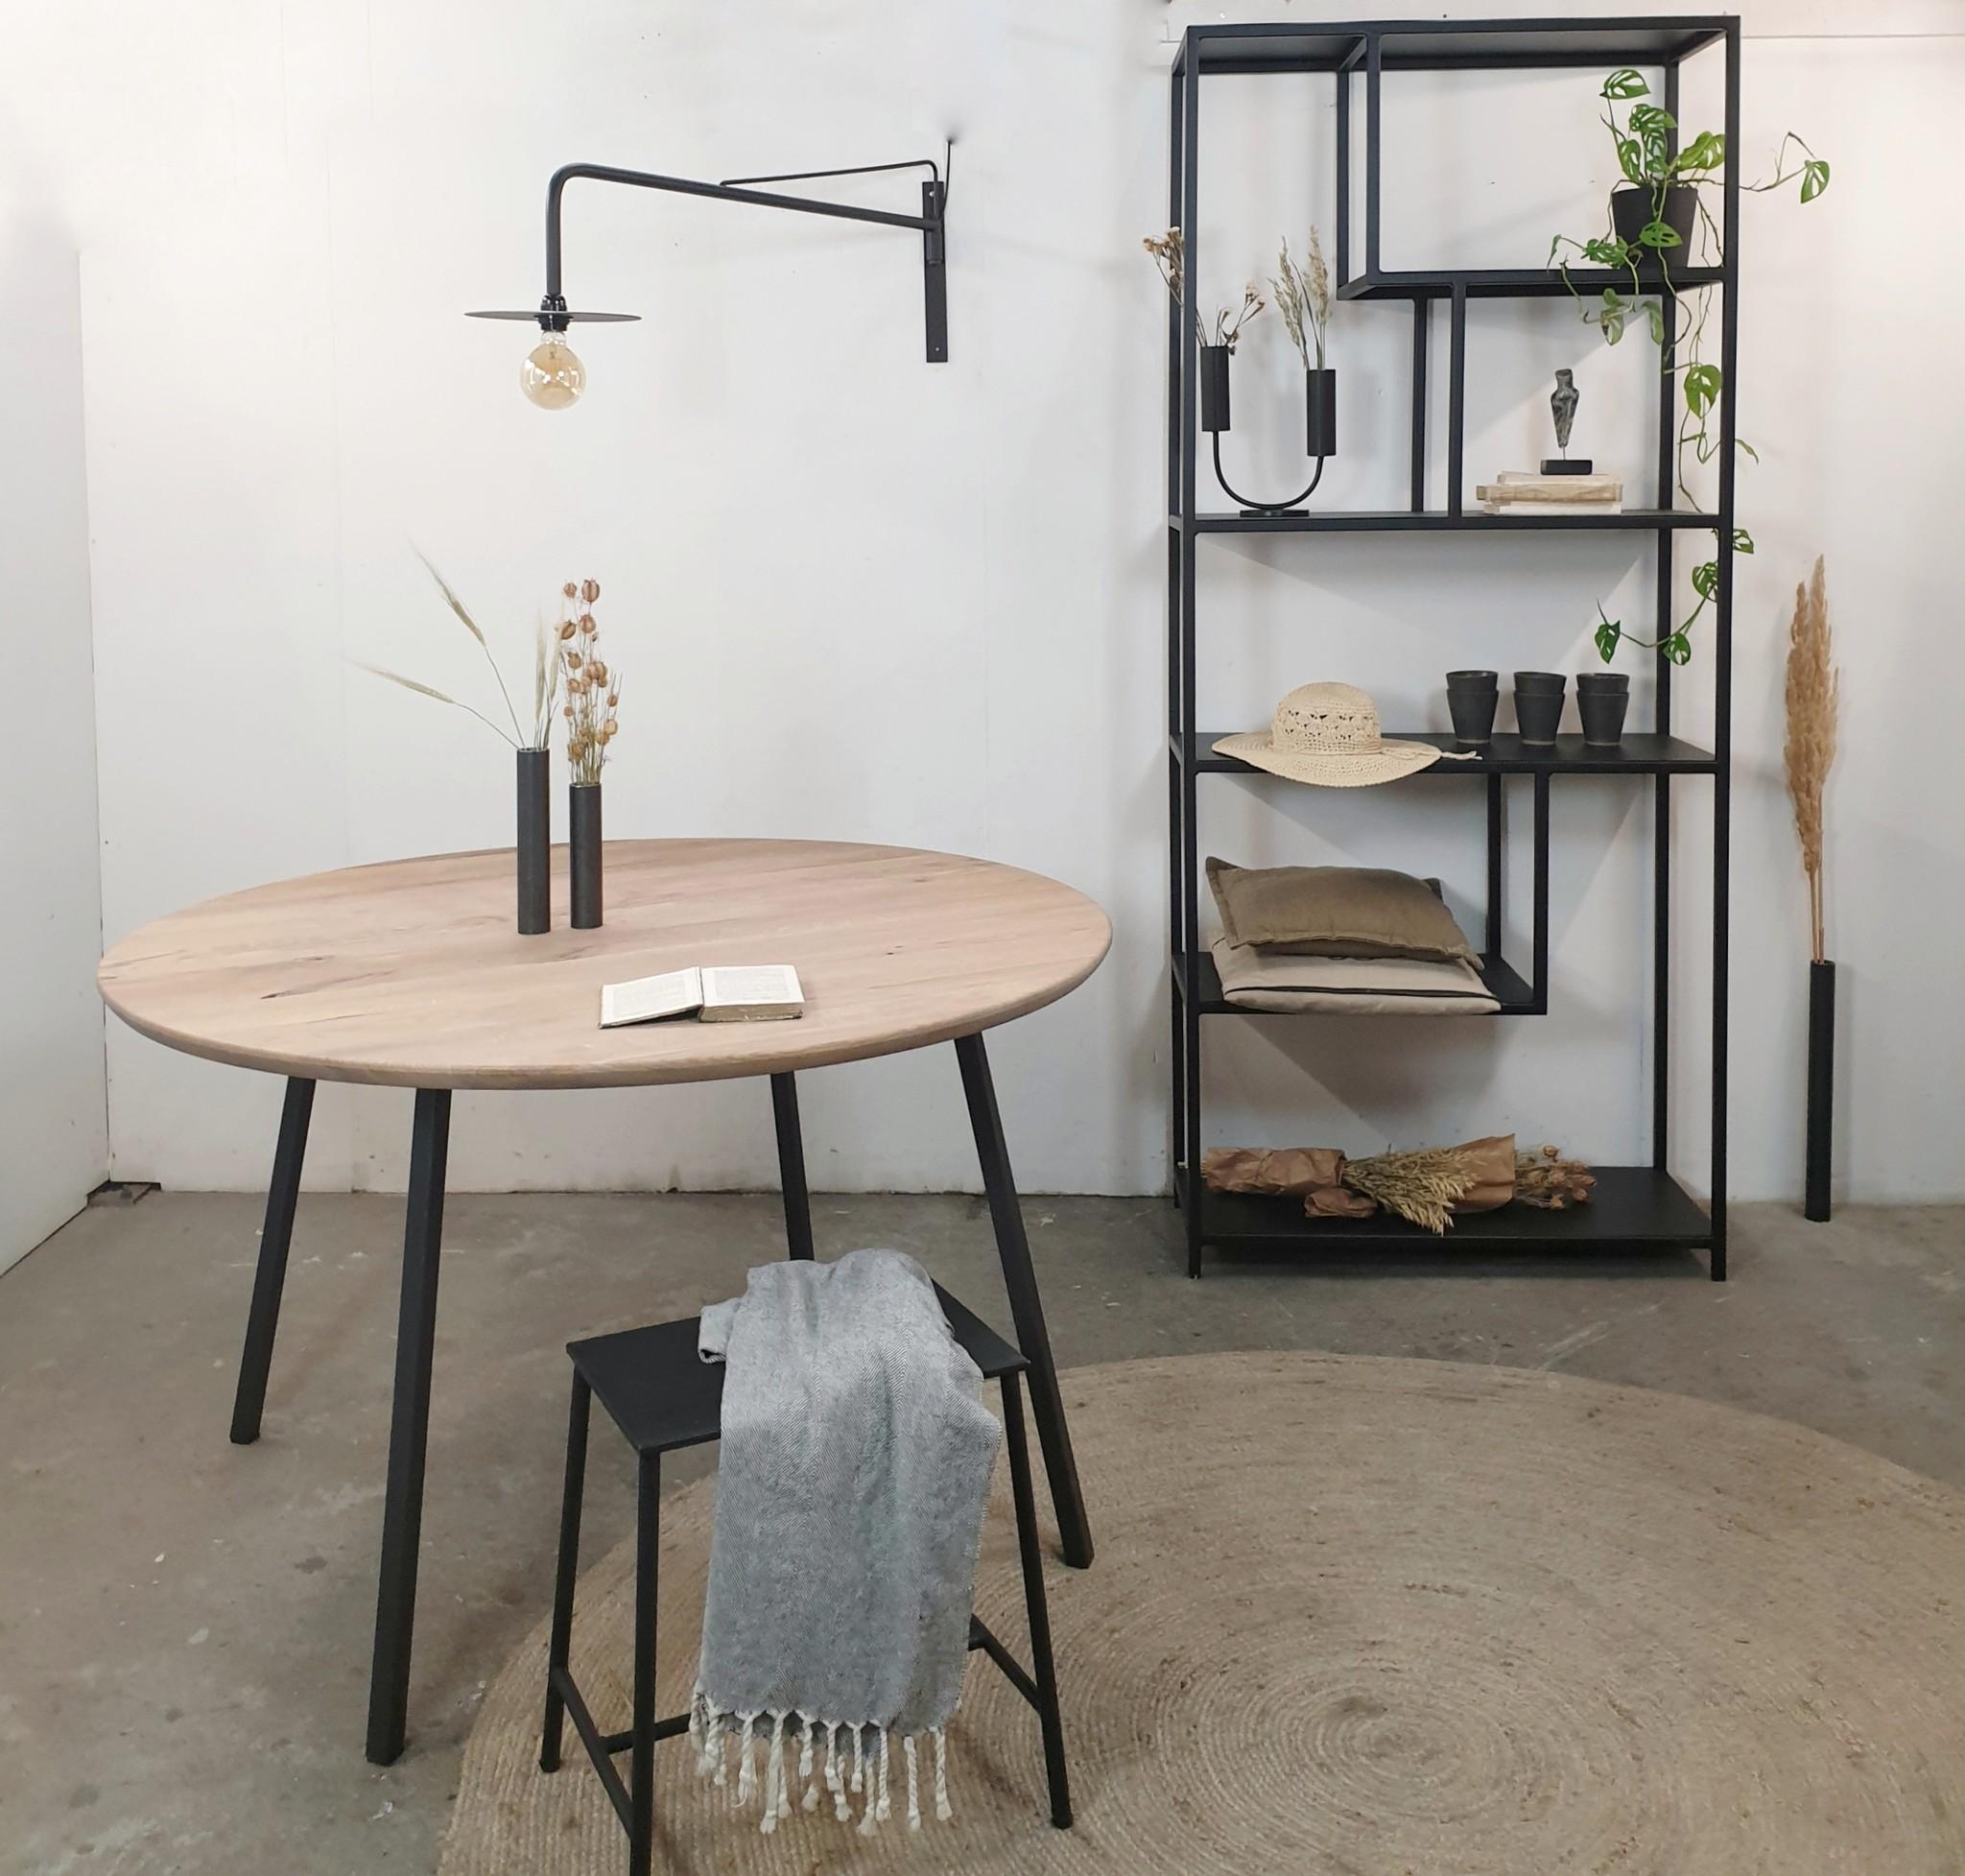 Stoer Metaal tafel Rond, metaal met eiken blad